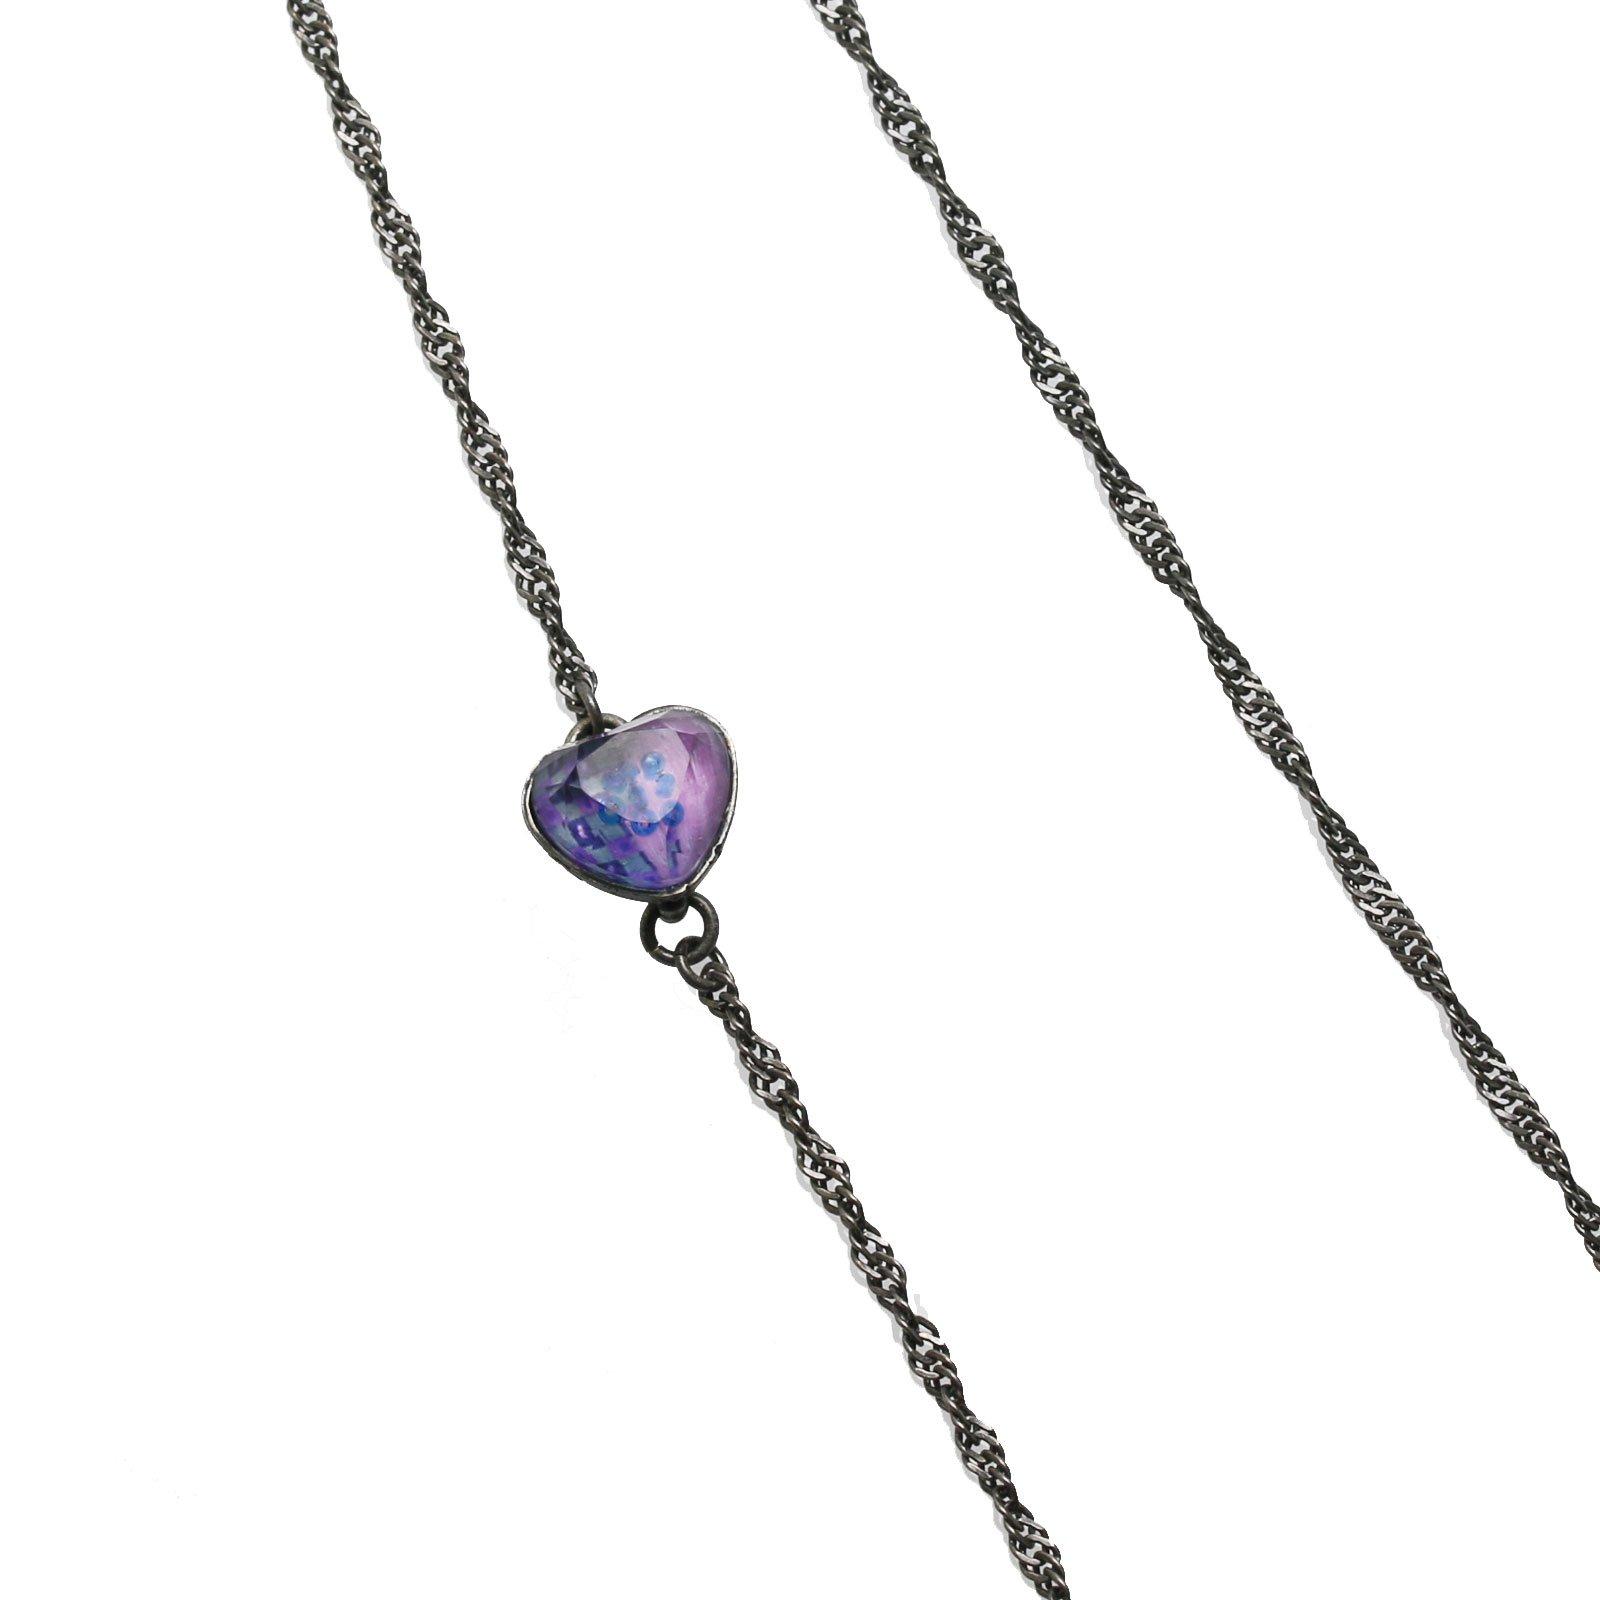 Tamarusan Glasses Chain Heart Handmade Purple For Women For Men Original Resin by TAMARUSAN